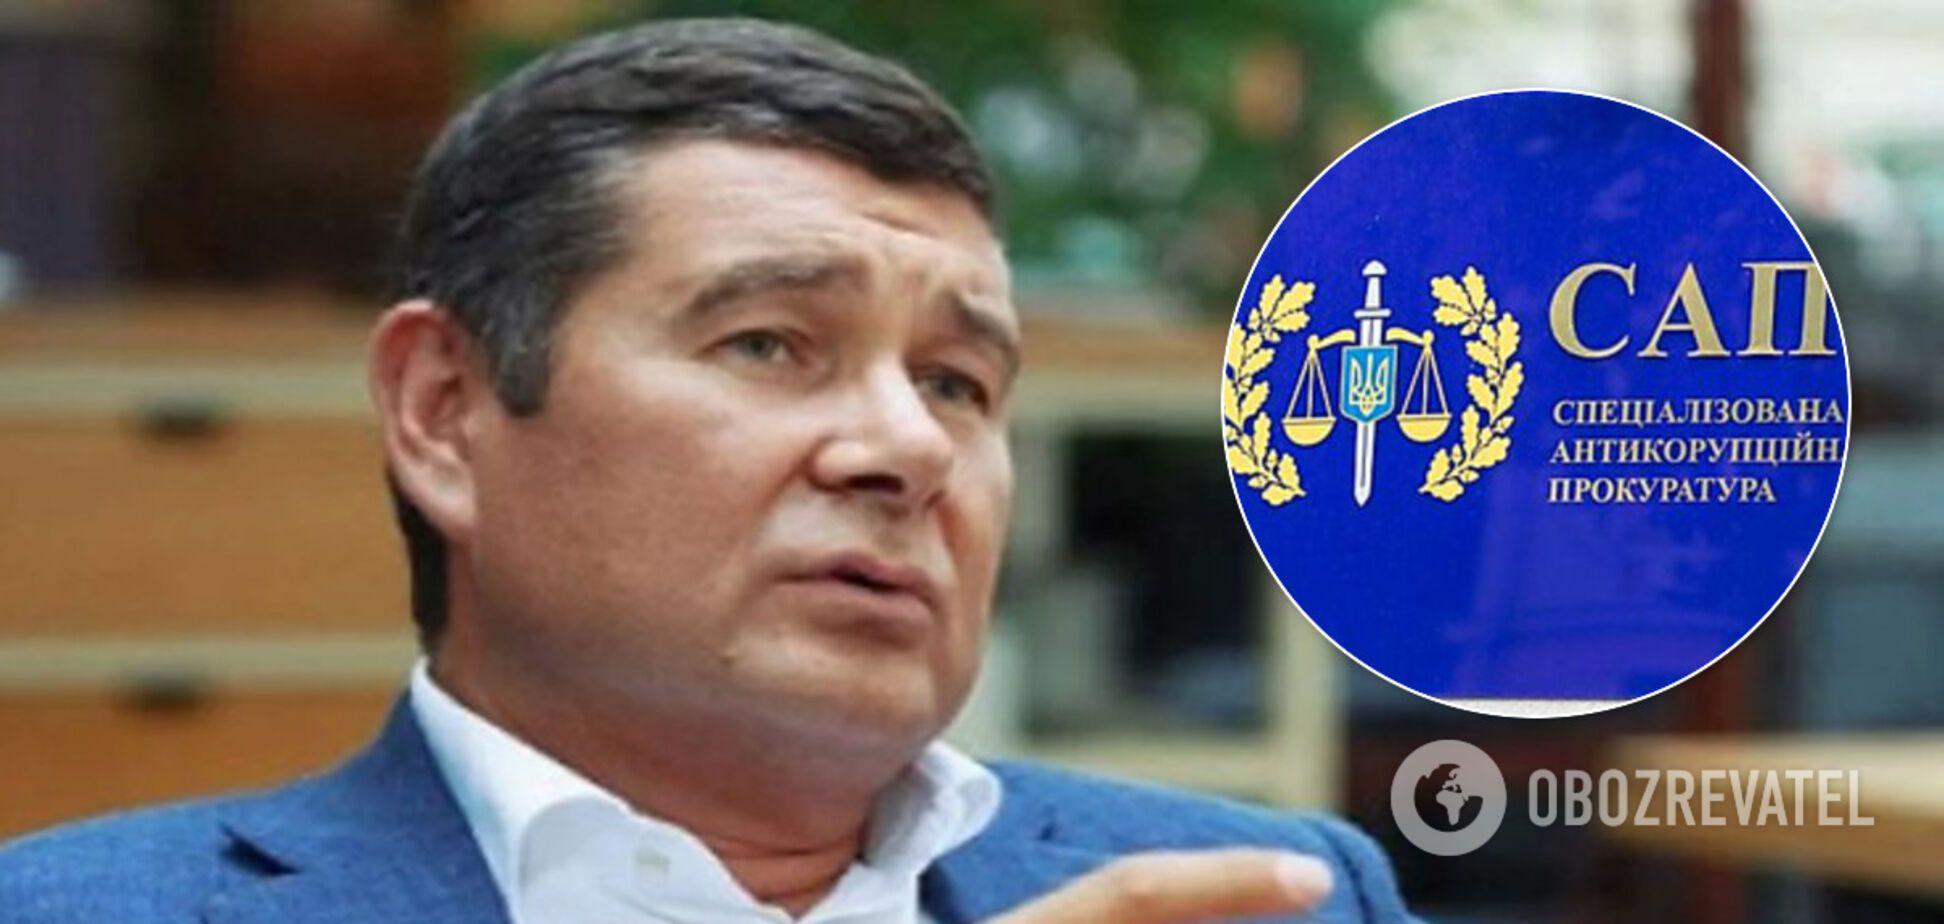 Відмова Німеччини видати Україні Онищенка: в САП назвали причину і наслідки